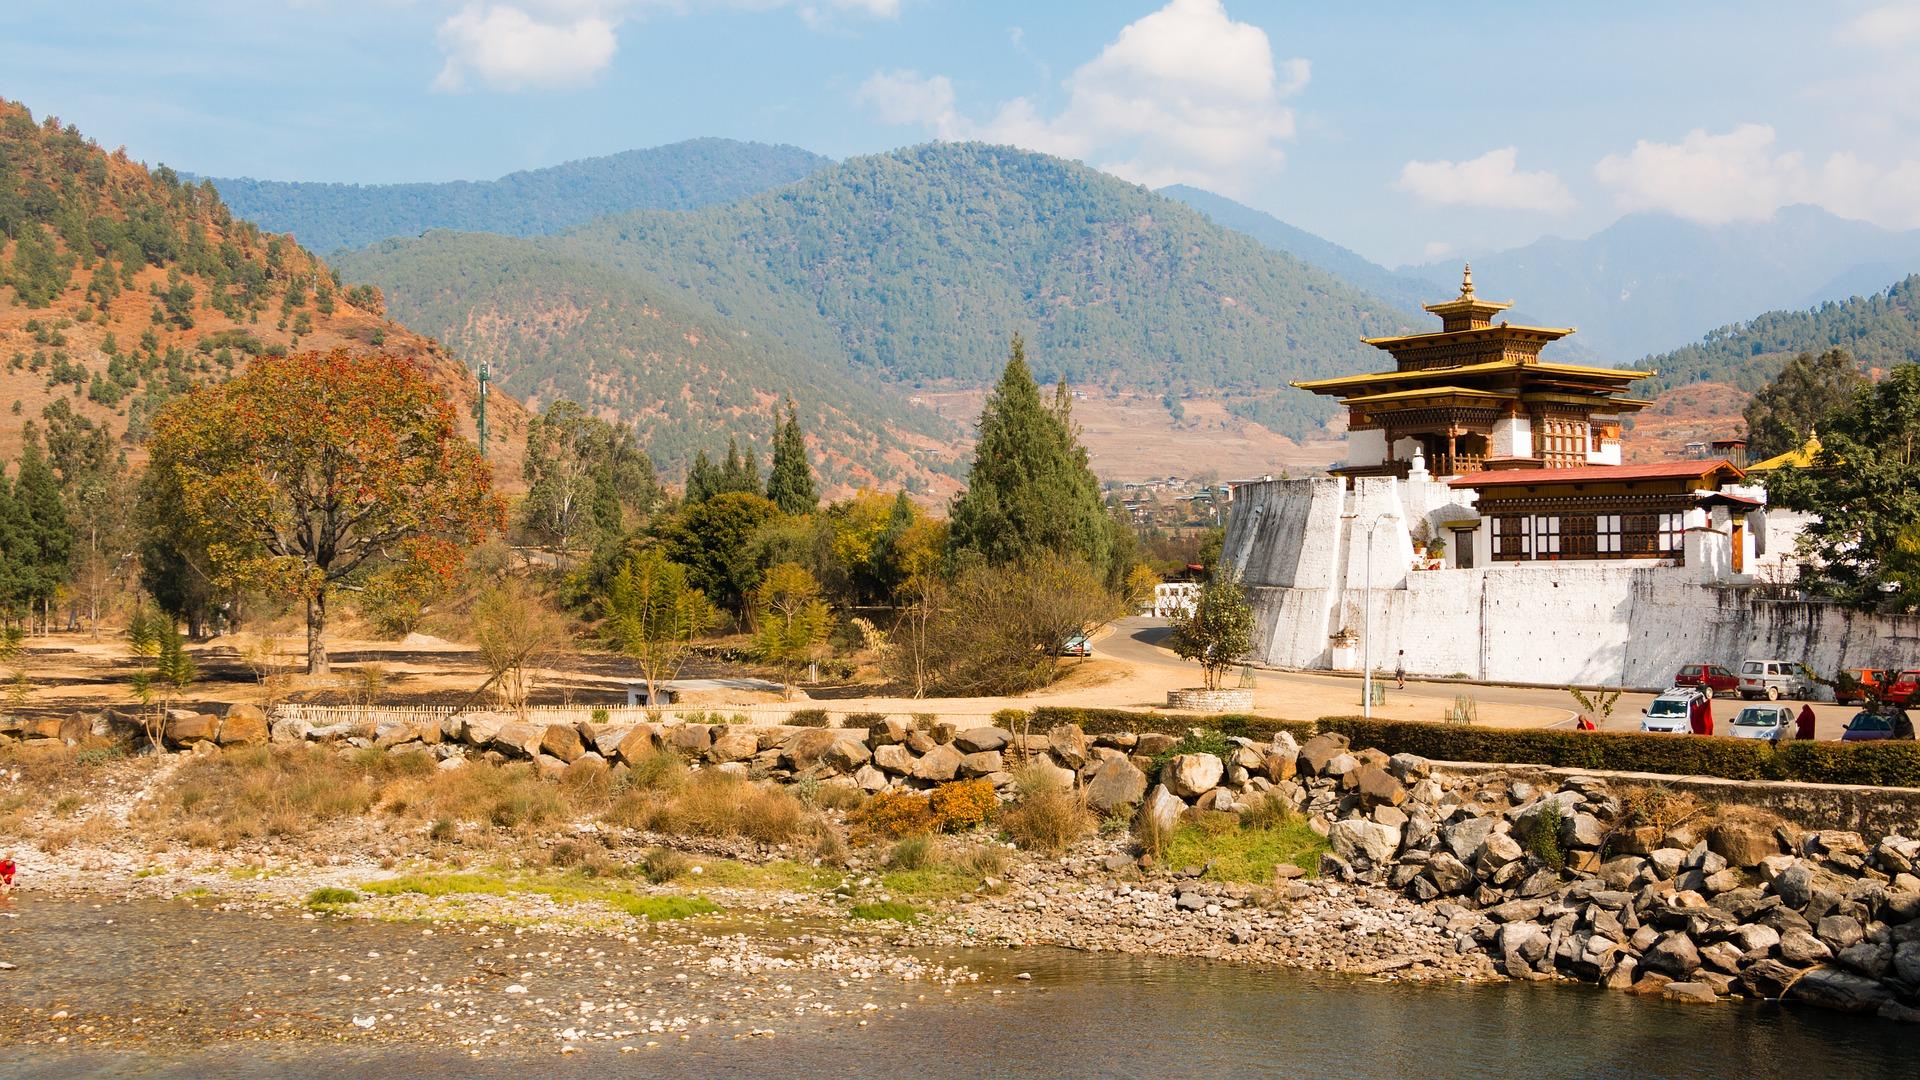 bhutan-2801359_1920.jpg